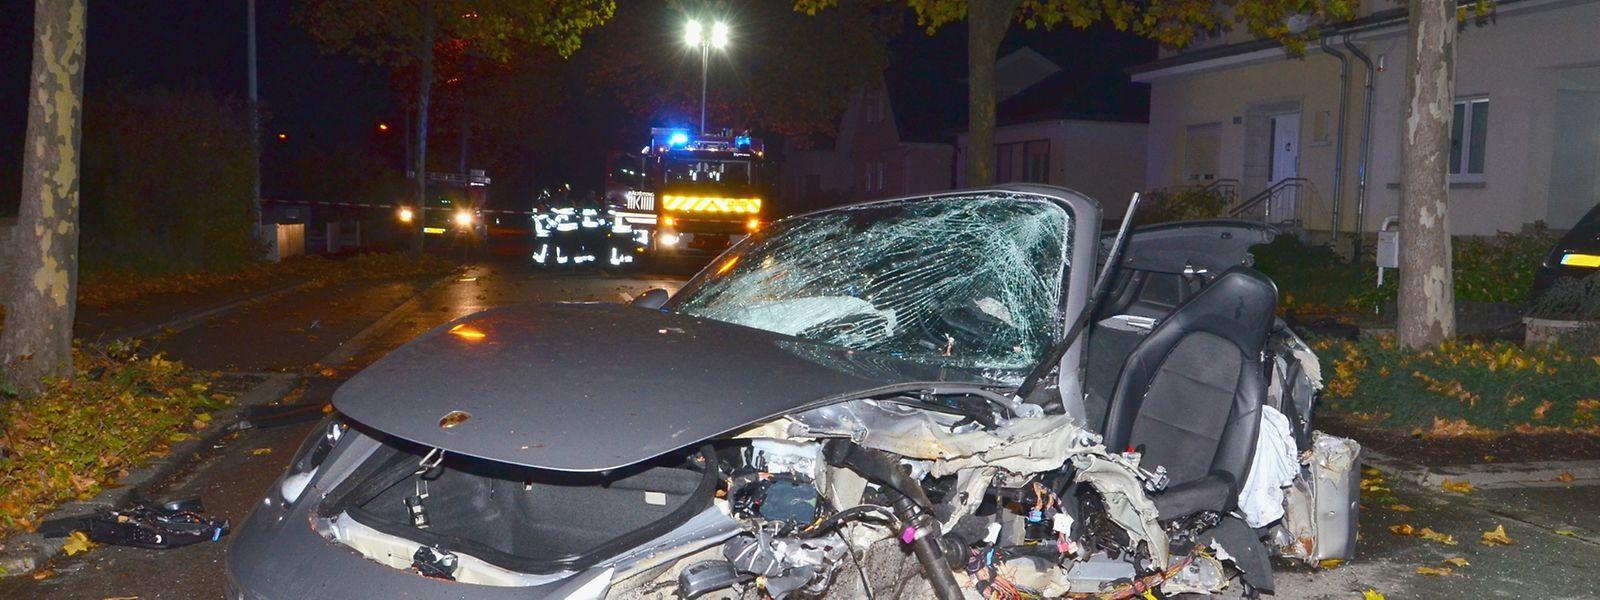 Der Wagen wurde nach dem Aufprall noch mehrere Meter weiter zurück auf die Straße geschleudert.